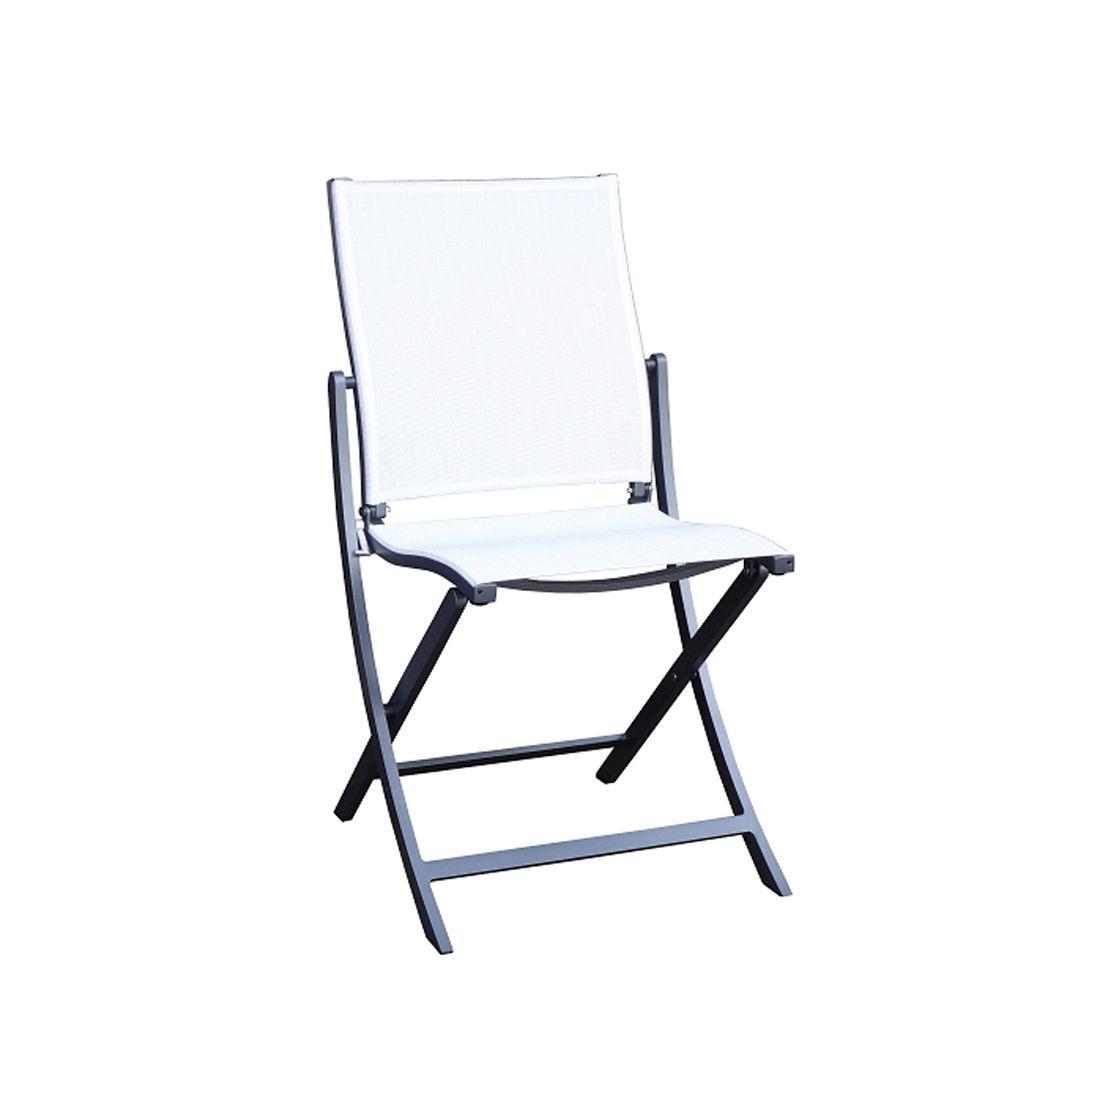 chaise pliante koton structure gris espace toile blanc chine les jardins